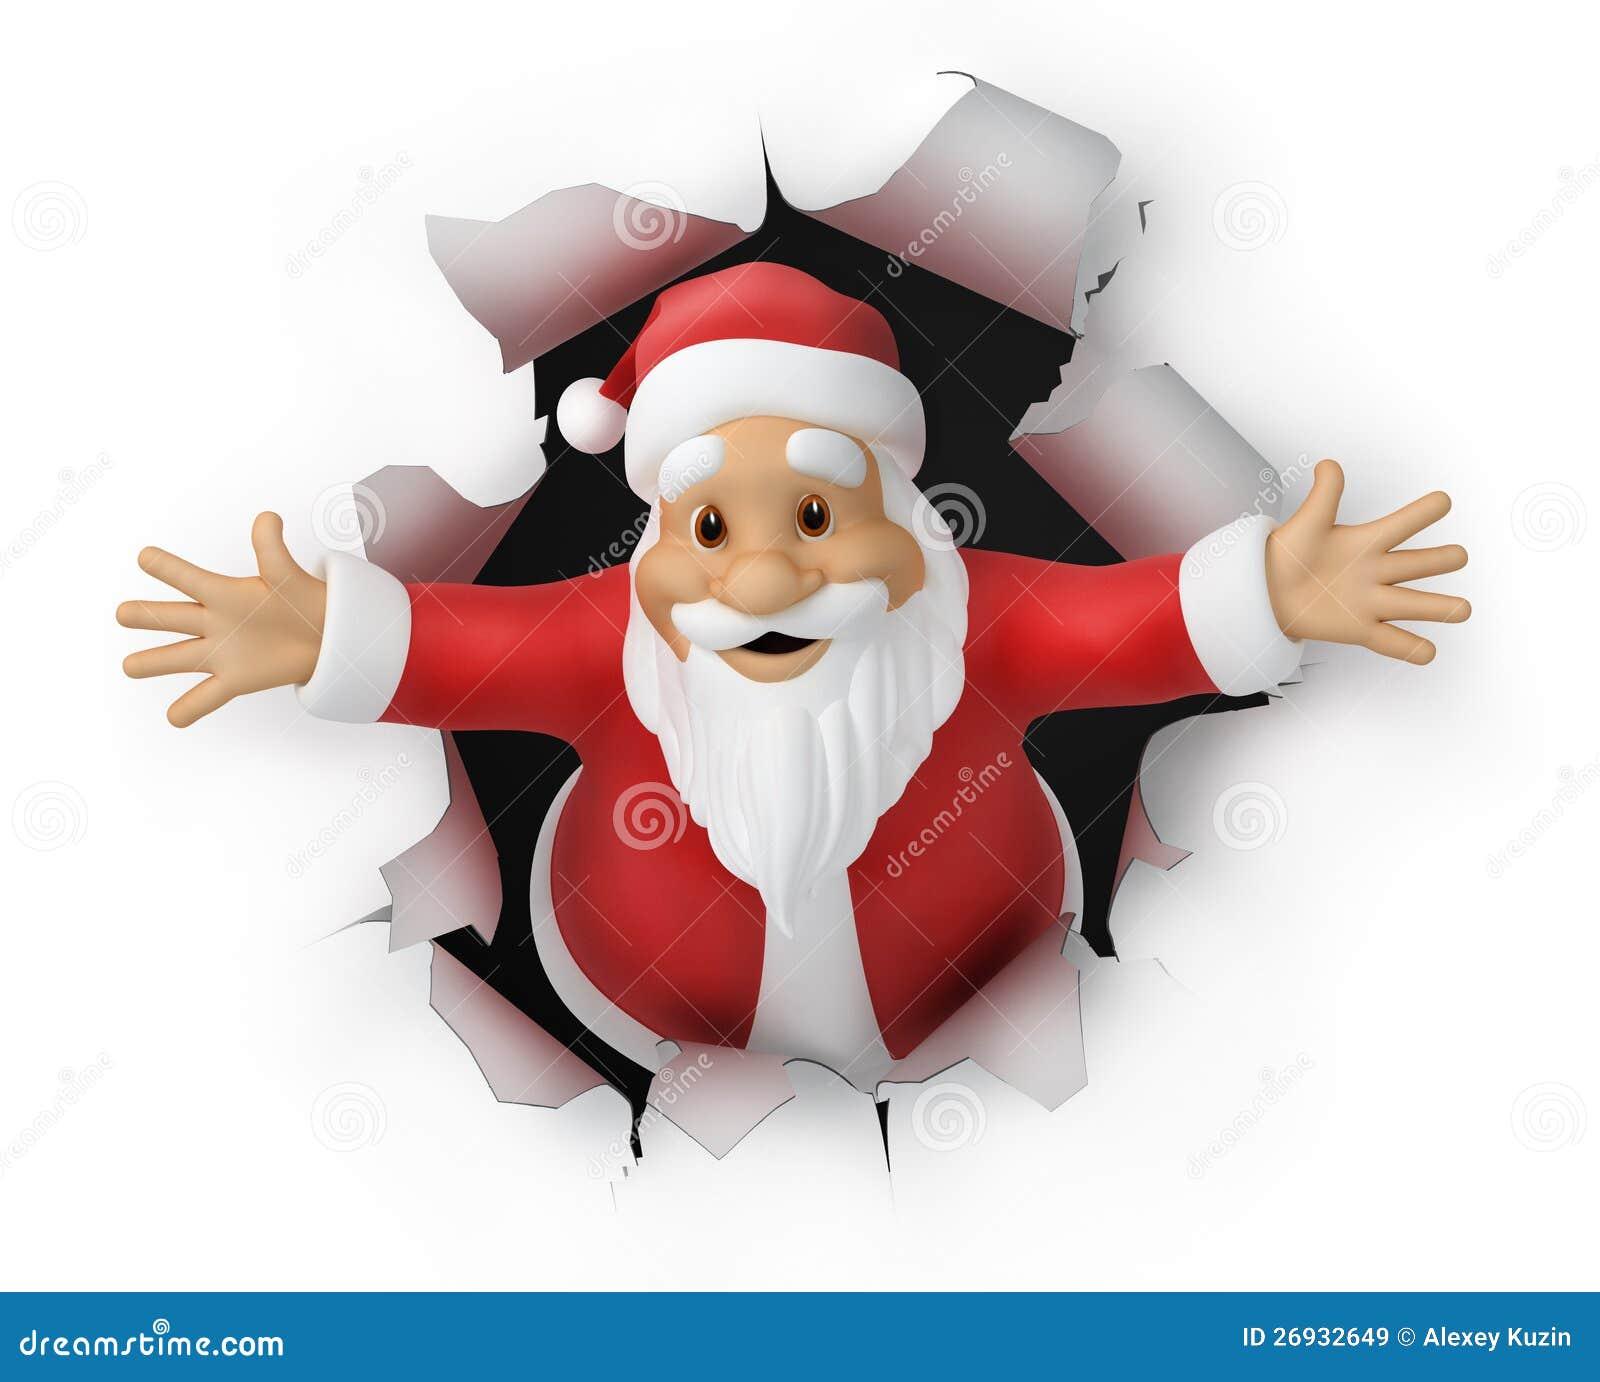 Image mère Noël en 3D : (tube png)